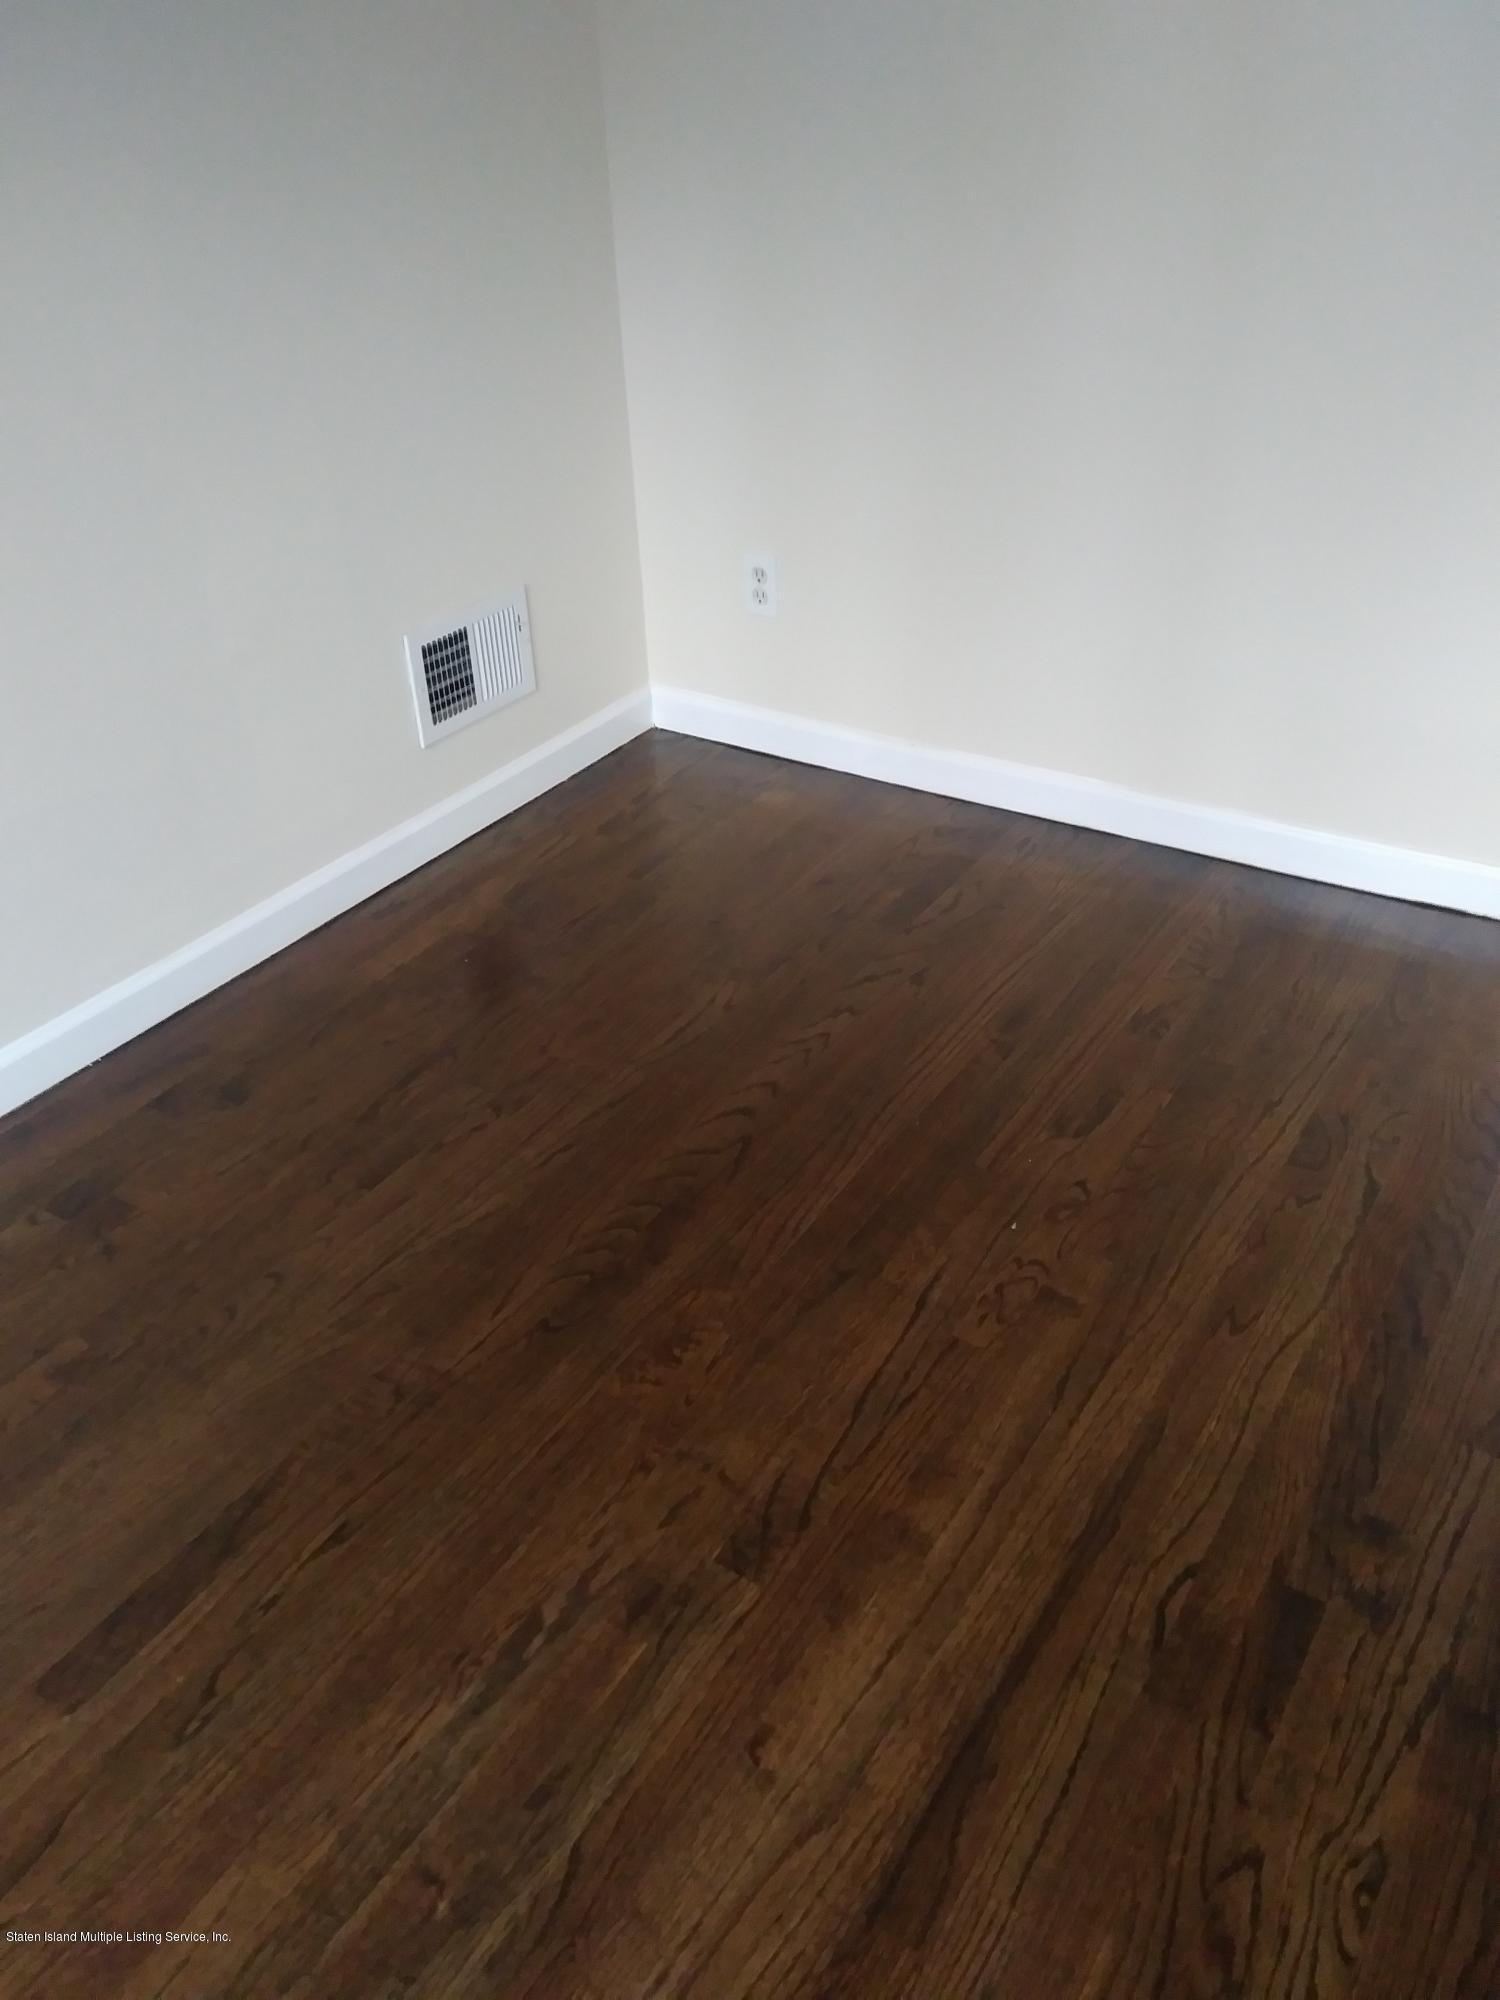 Single Family - Attached 8 Penton Street  Staten Island, NY 10309, MLS-1125381-10